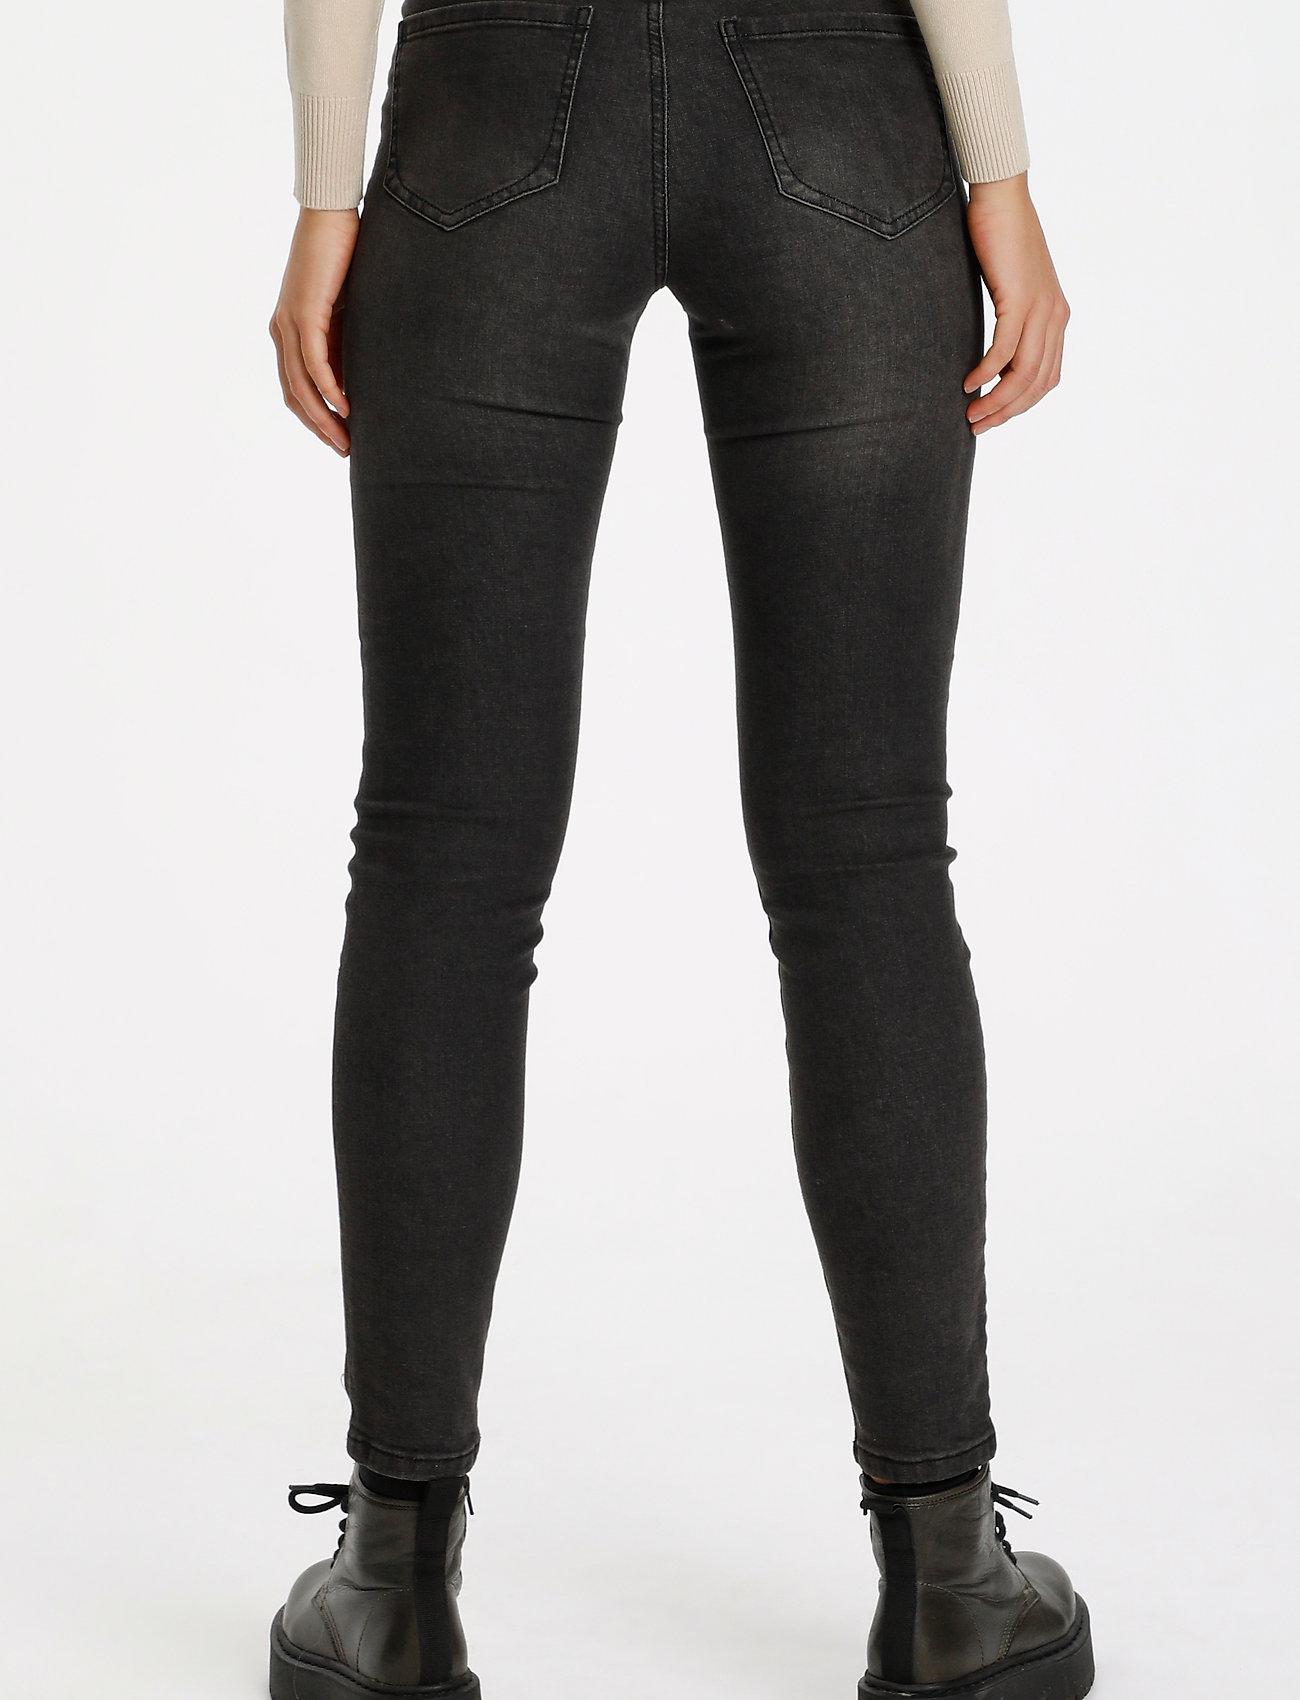 Saint Tropez - T5757, TinnaSZ Jeans - skinny jeans - dk.grey - 5